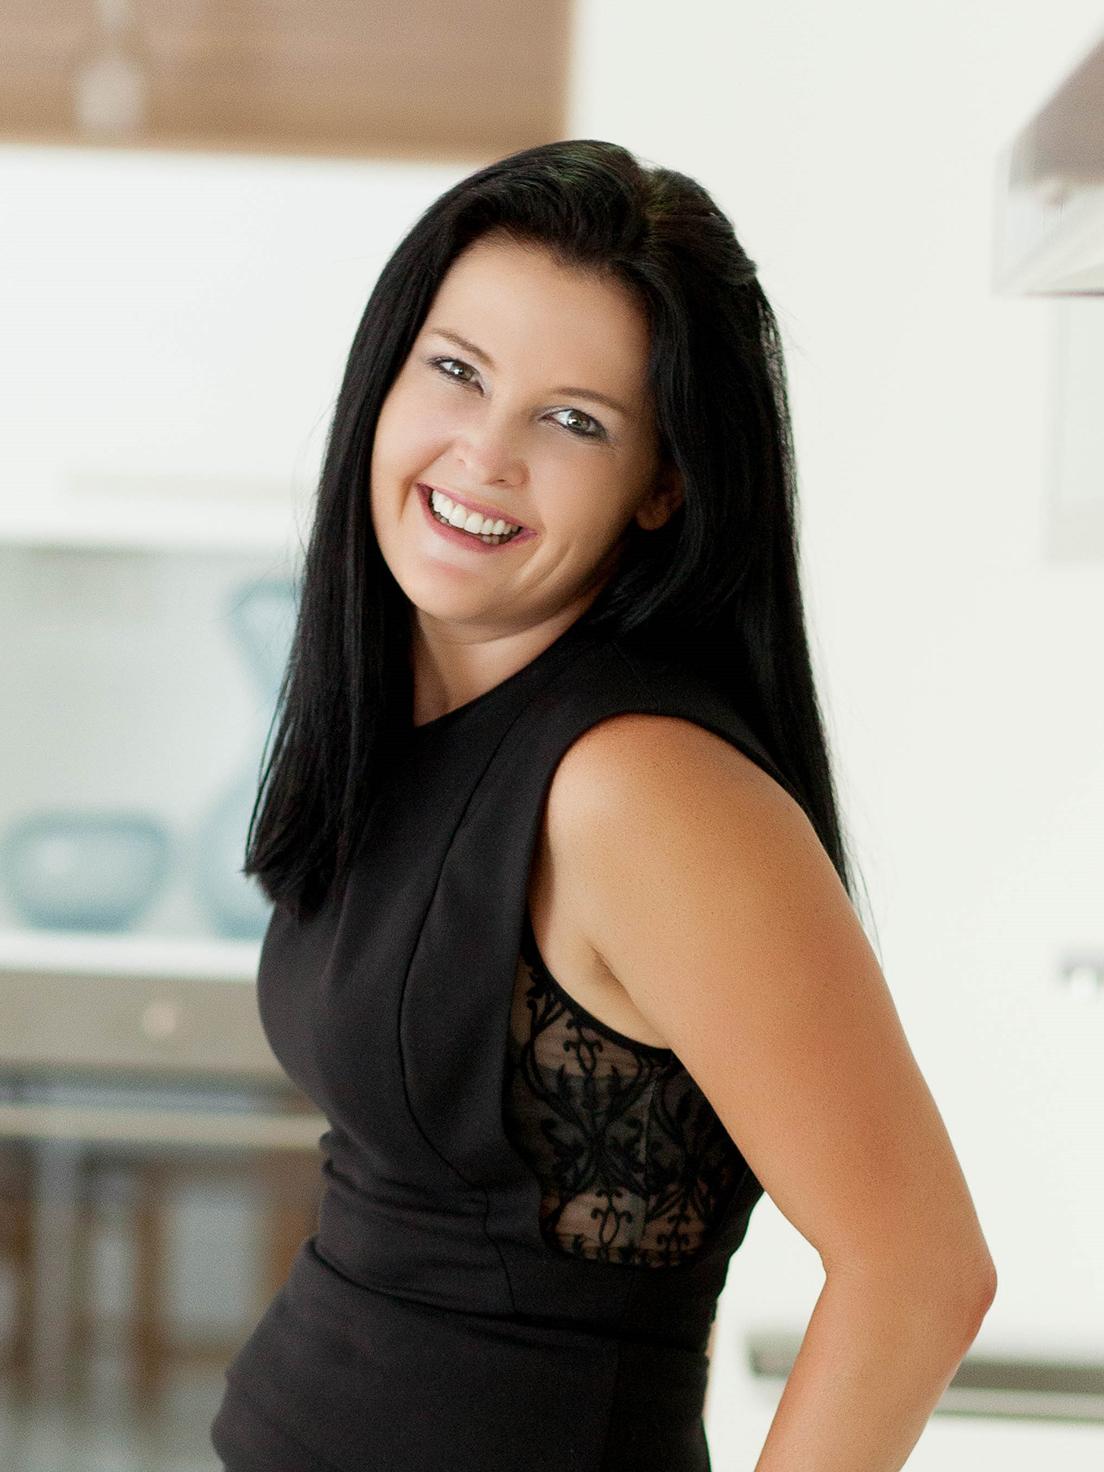 Nicole Bragg